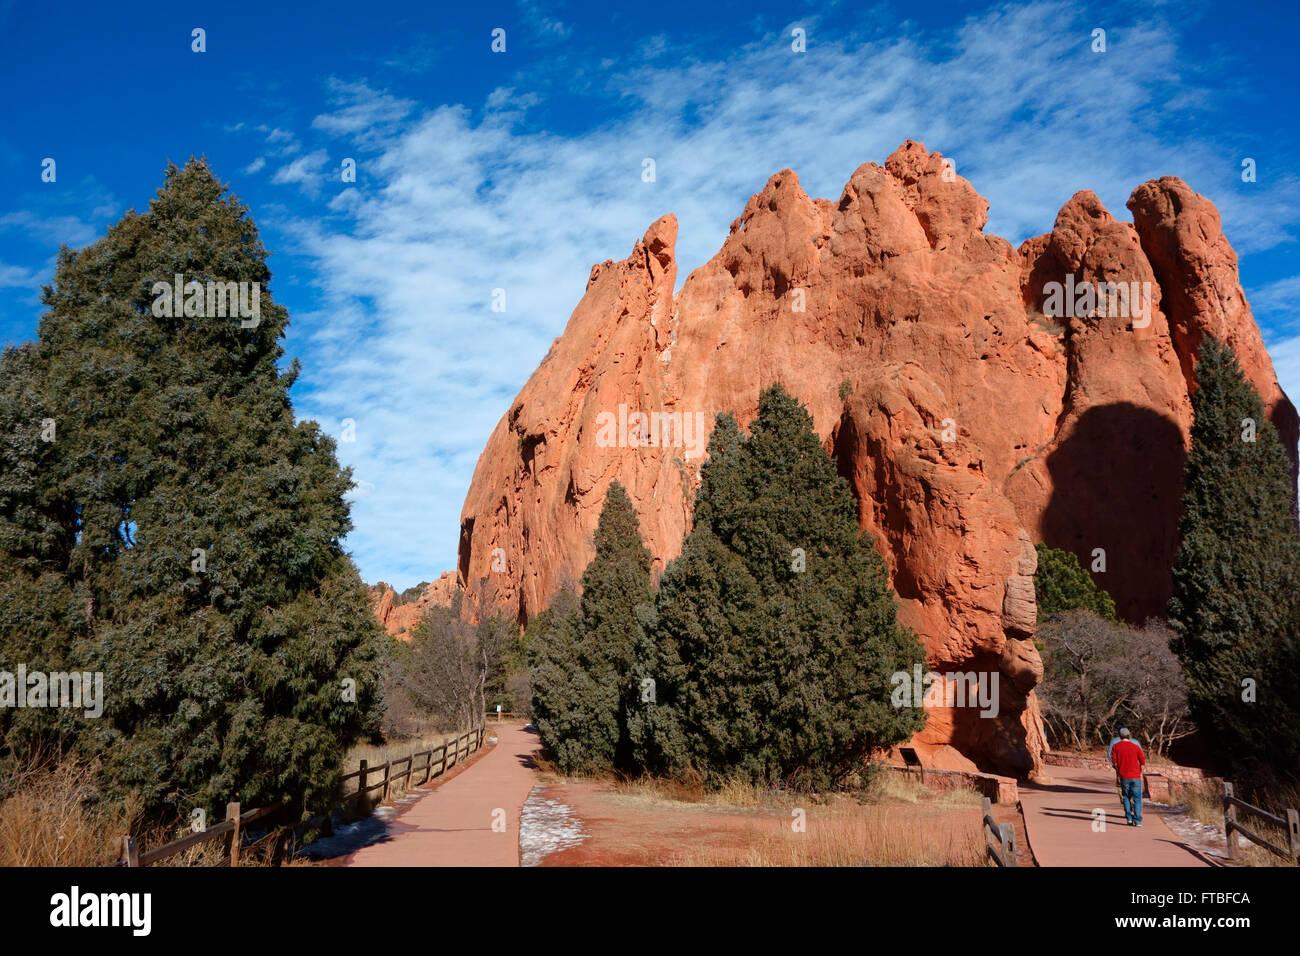 Garden of the Gods, Colorado Springs, Colorado, USA - Stock Image